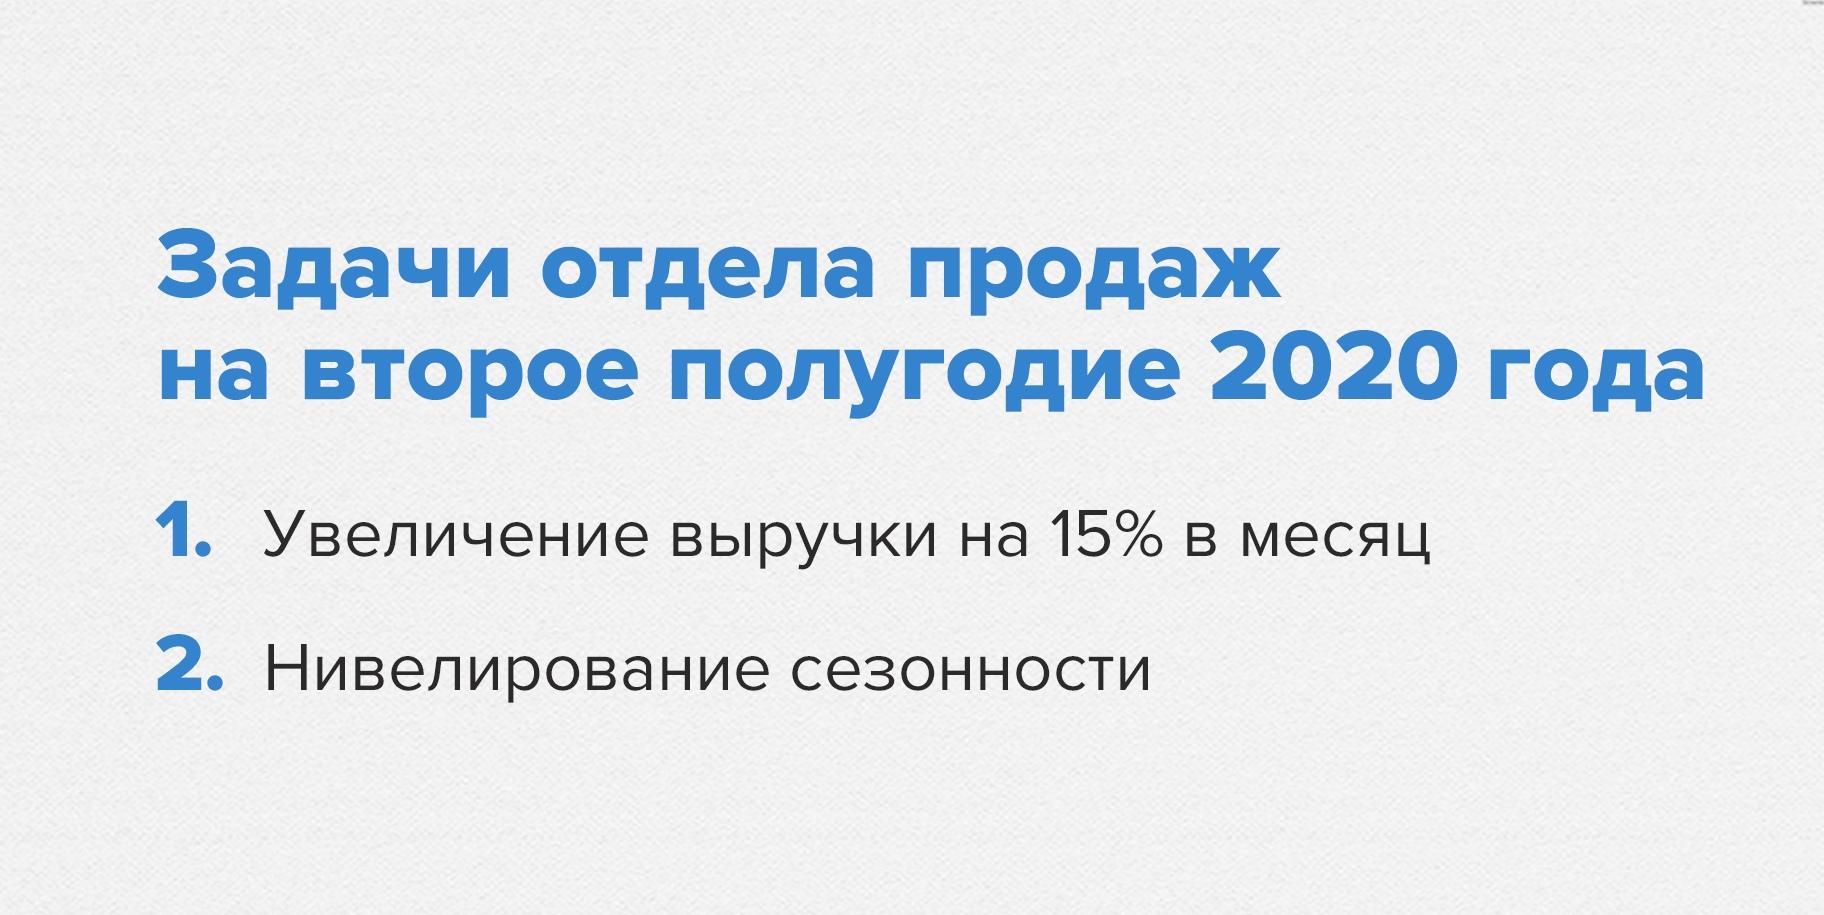 5 инструментов ВКонтакте, которые помогли увеличить продажи пиломатериалов, изображение №2